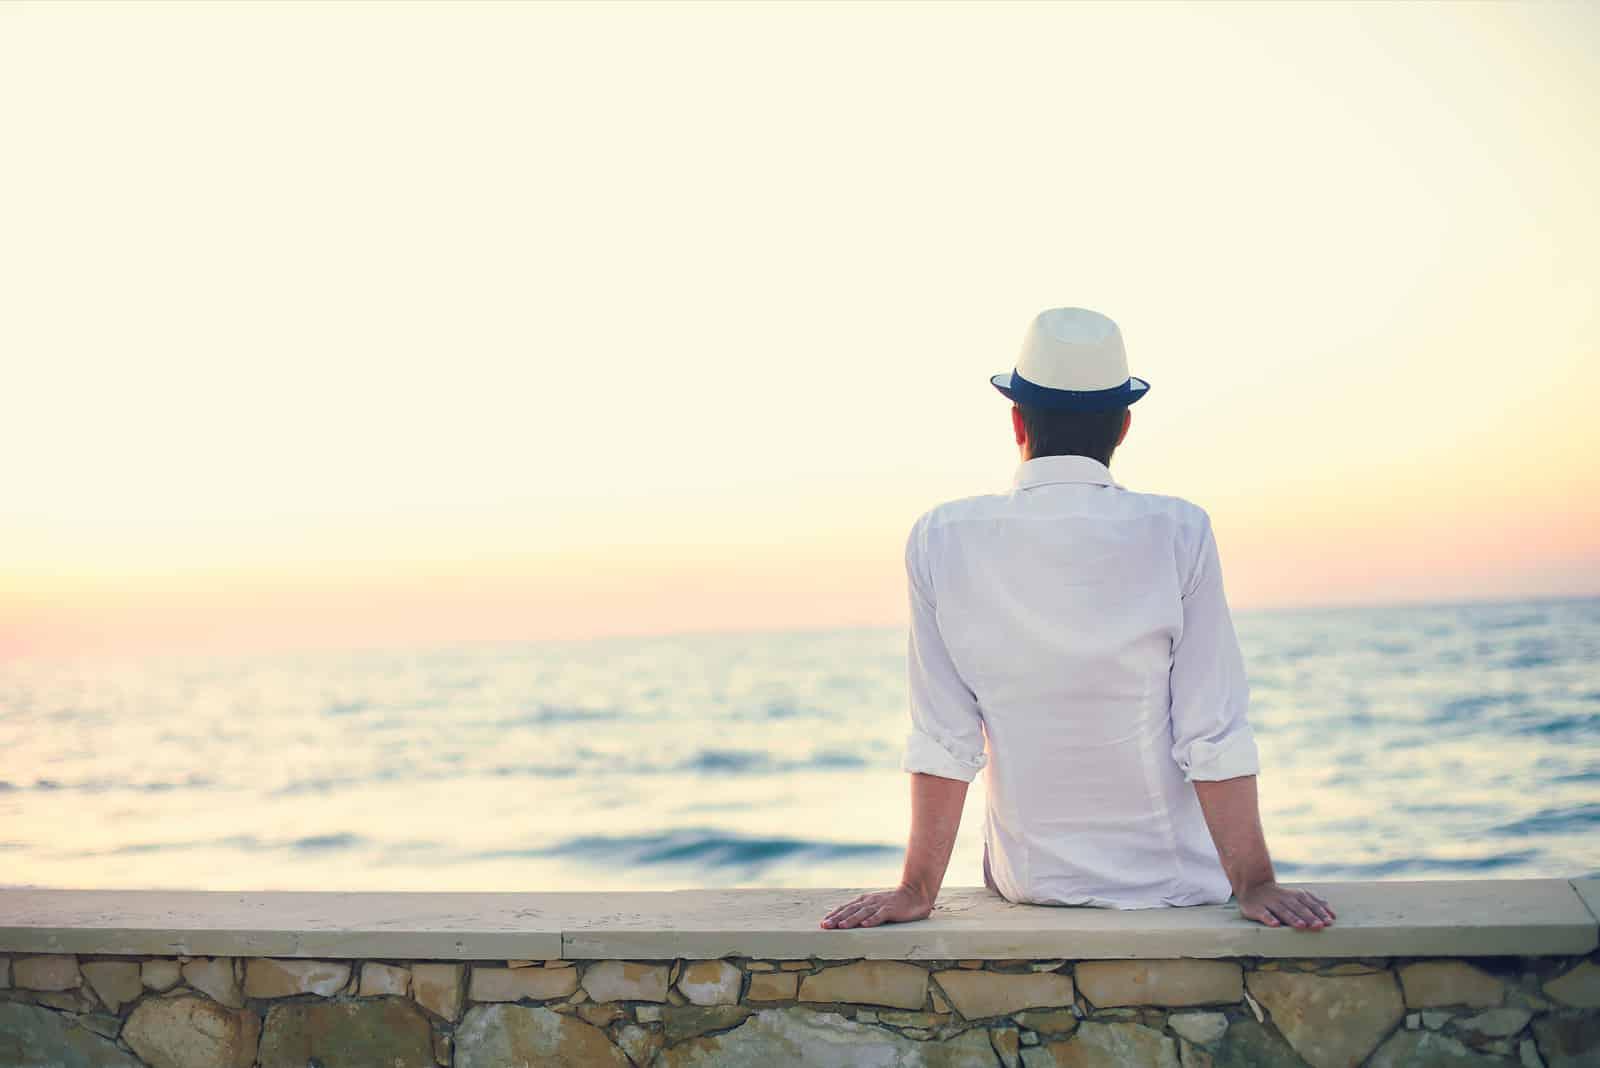 ein Mann mit Hut auf dem Kopf sitzt und schaut aufs Meer